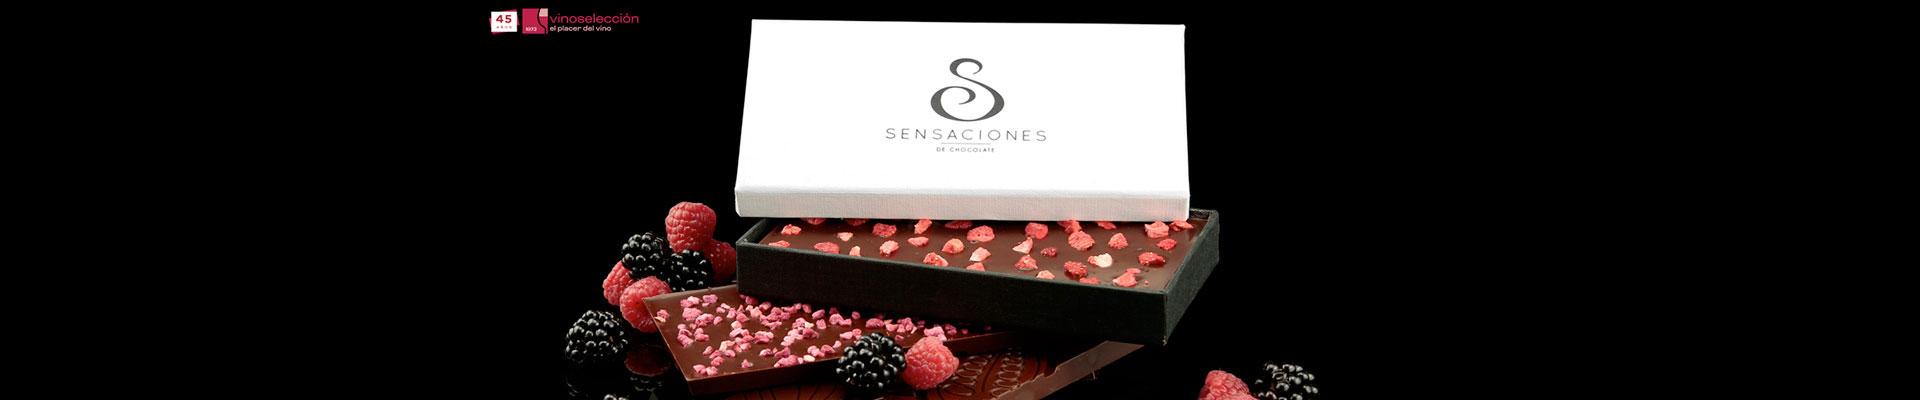 ¿Chocolate y vino? Tipos de cacaos y maridaje, con Sensaciones de Chocolate